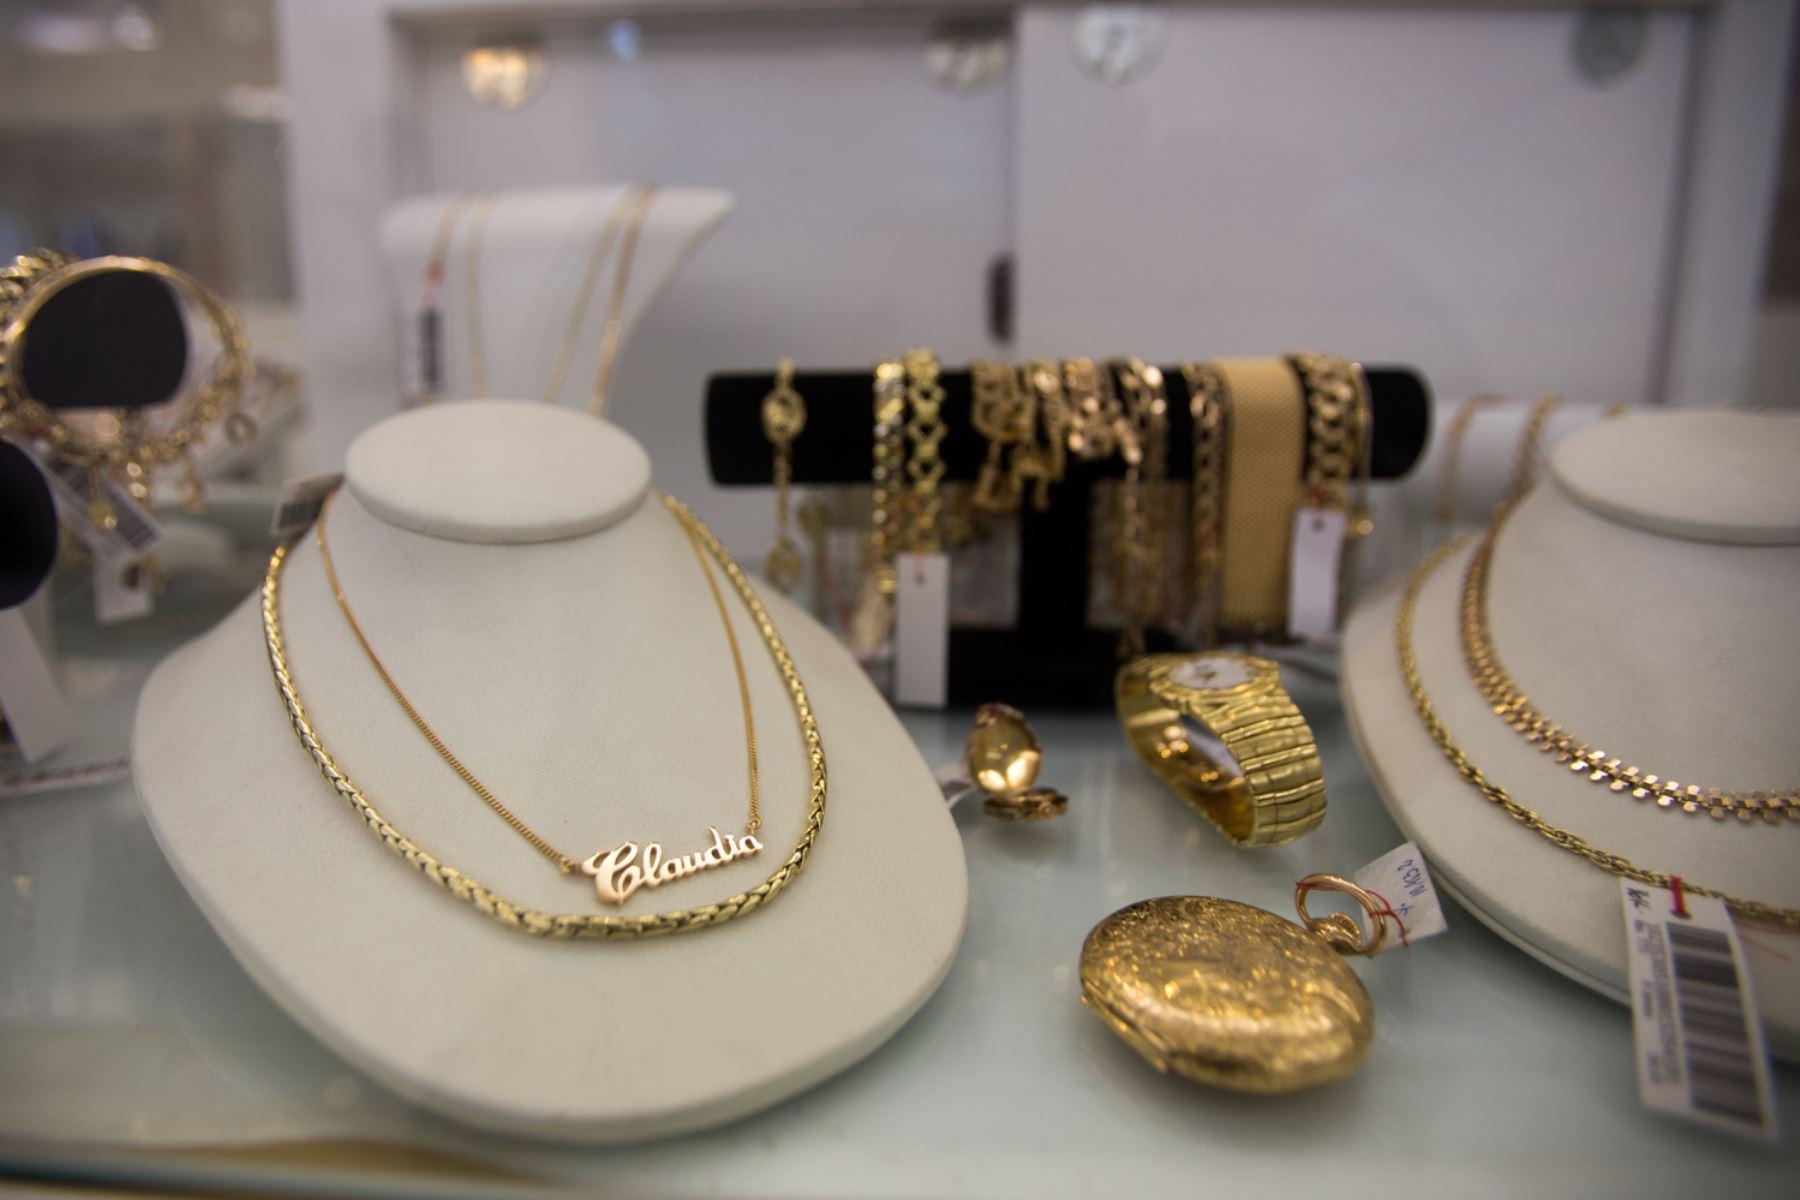 615386bad8aa Caja Metropolitana realiza exhibición y venta de joyas de oro por ...